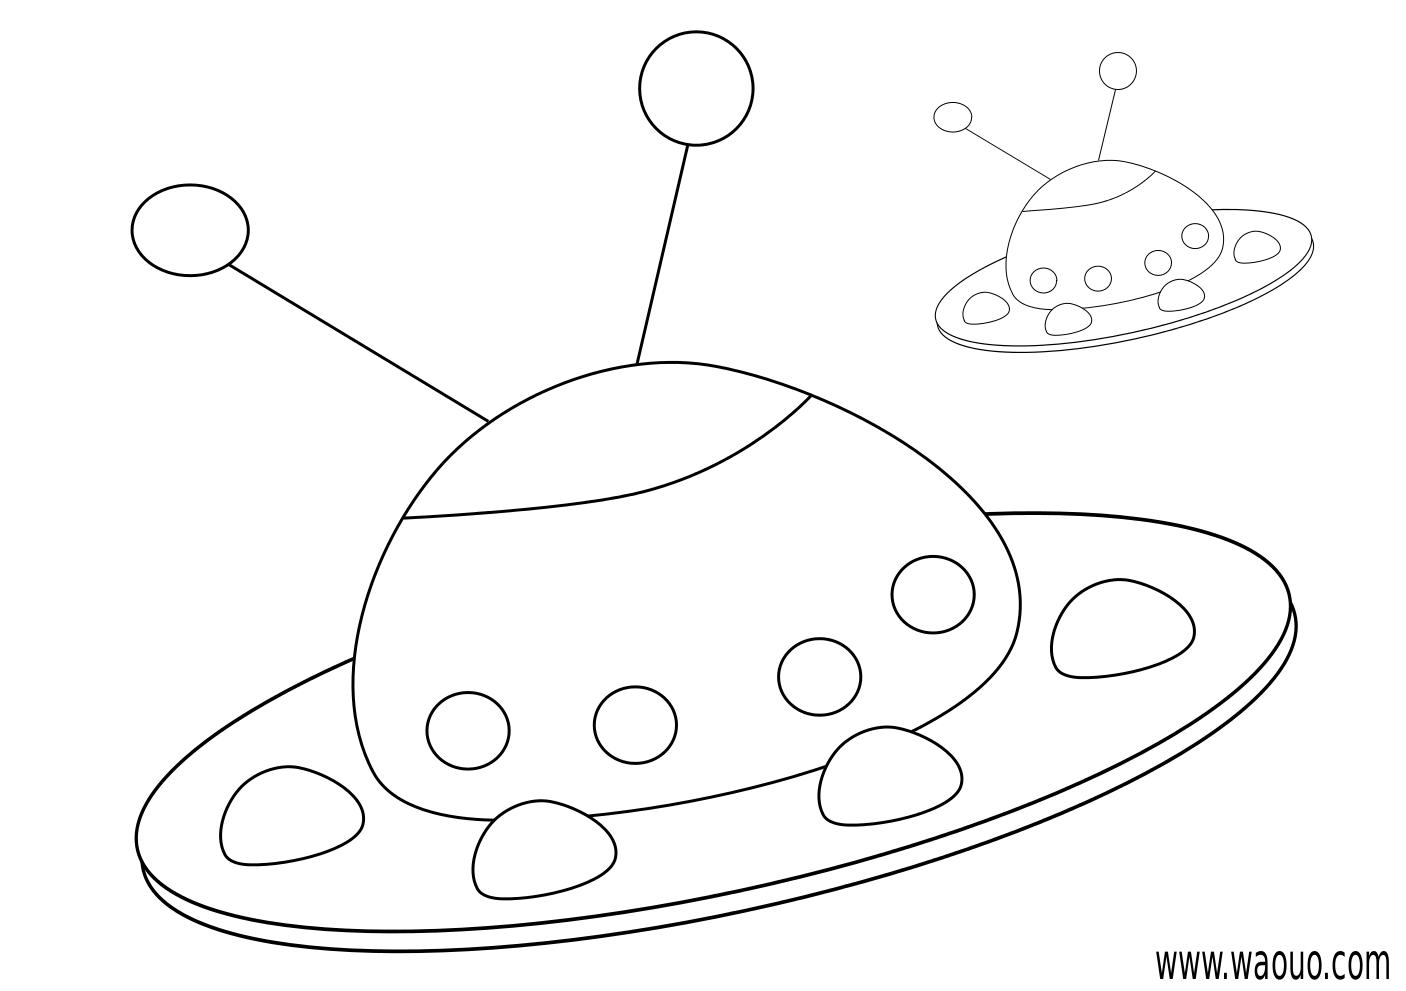 Coloriage soucoupe volante imprimer et colorier - Soucoupe volante dessin ...